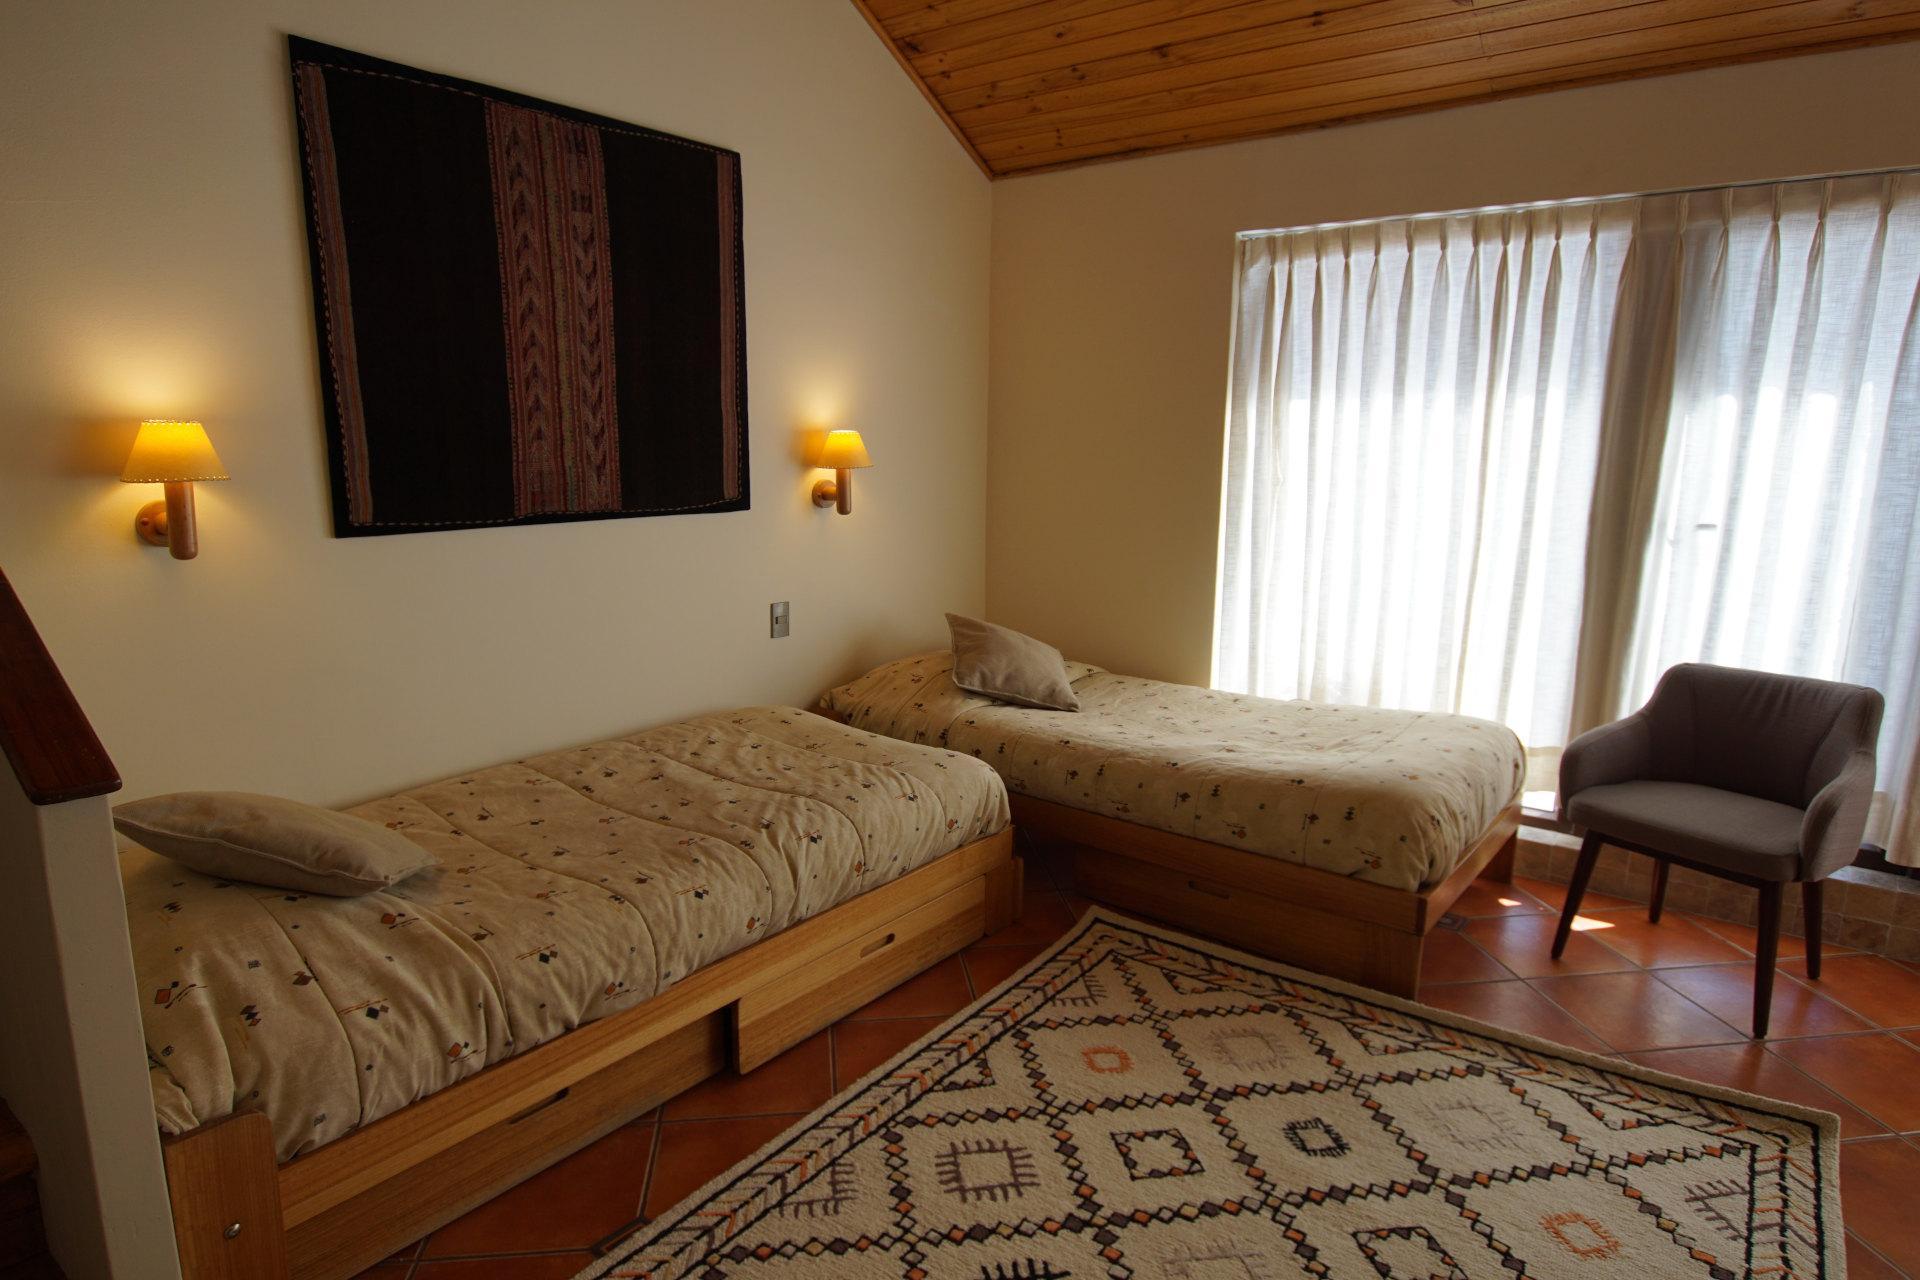 Sala con dos camas - Departamento Tipo B 224